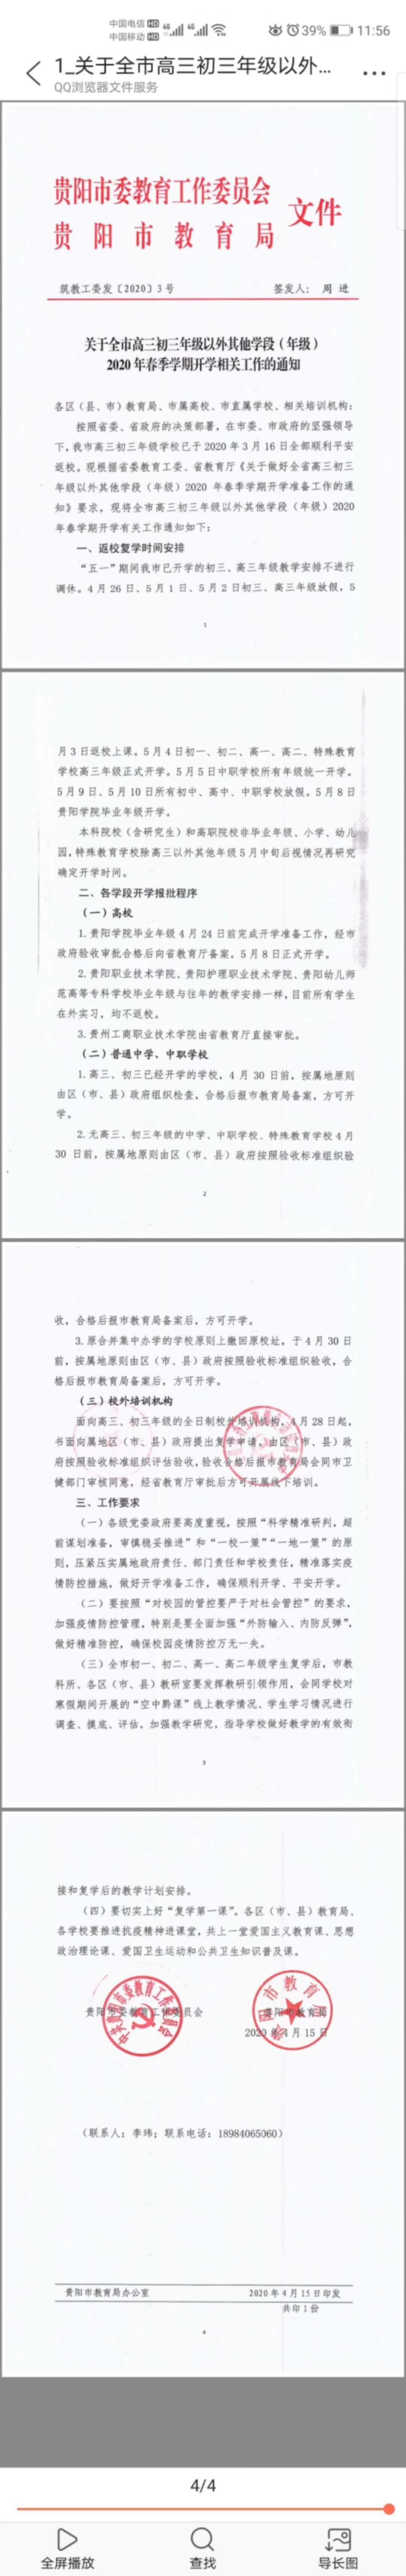 贵阳市教育局:关于全市高三初三年级以外其他学段(年级)202...